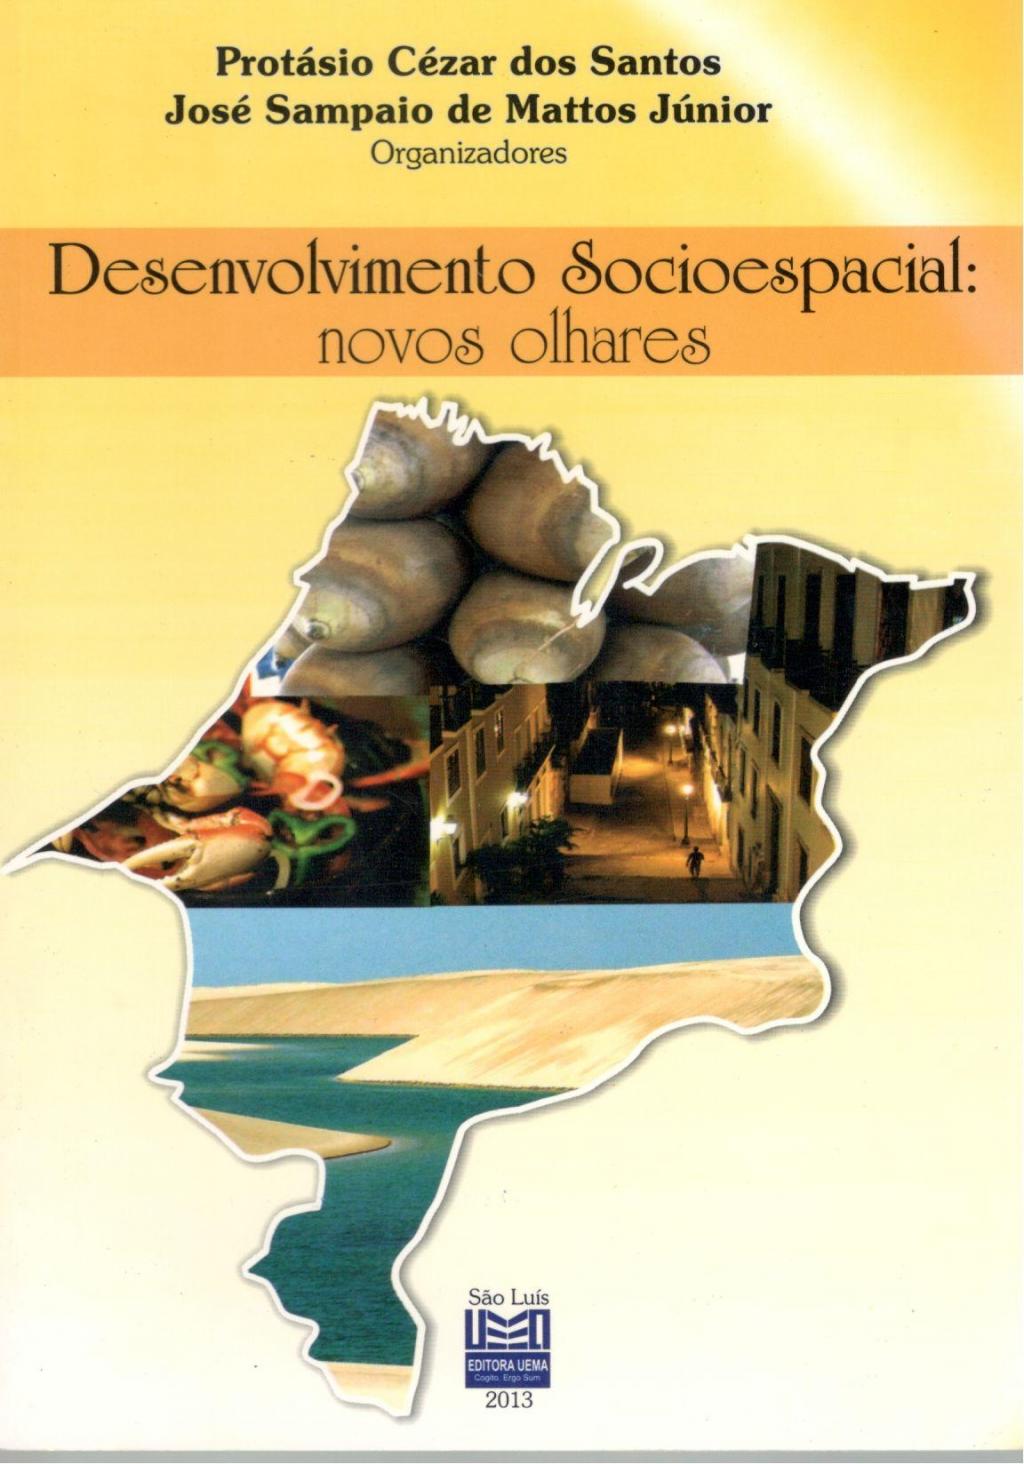 Desenvolvimento socioespacial novos olhares